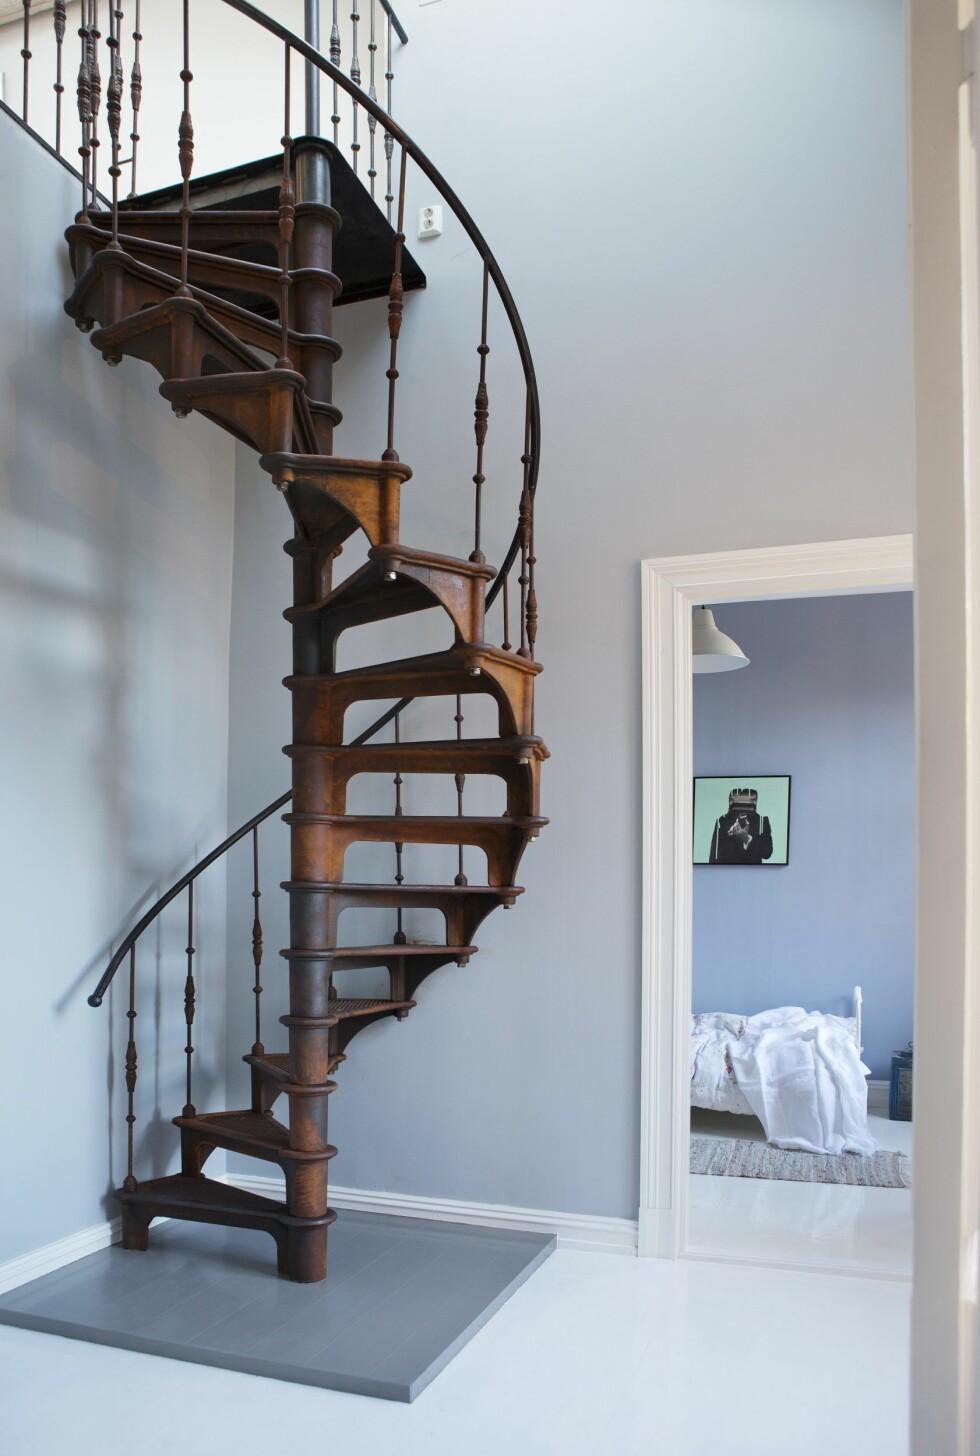 FANTASTISK TRAPP: Da paret kjøpte loftet for å innlemme det i leiligheten, trengte de en trapp. De importerte en fantastisk kopi av en industritrapp fra 1880-tallet, fra Frankrike. Deretter lot de den ligge ute i vær og vind i et par måneder for å få den røffe patineringen, før den ble behandlet med Owatrol. Rommet innenfor brukte Edvard Munch trolig som utgangspunkt til maleriet «Sykt barn». Et bilde malt av Ørjan pryder veggen. Foto: Yvonne Wilhelmsen